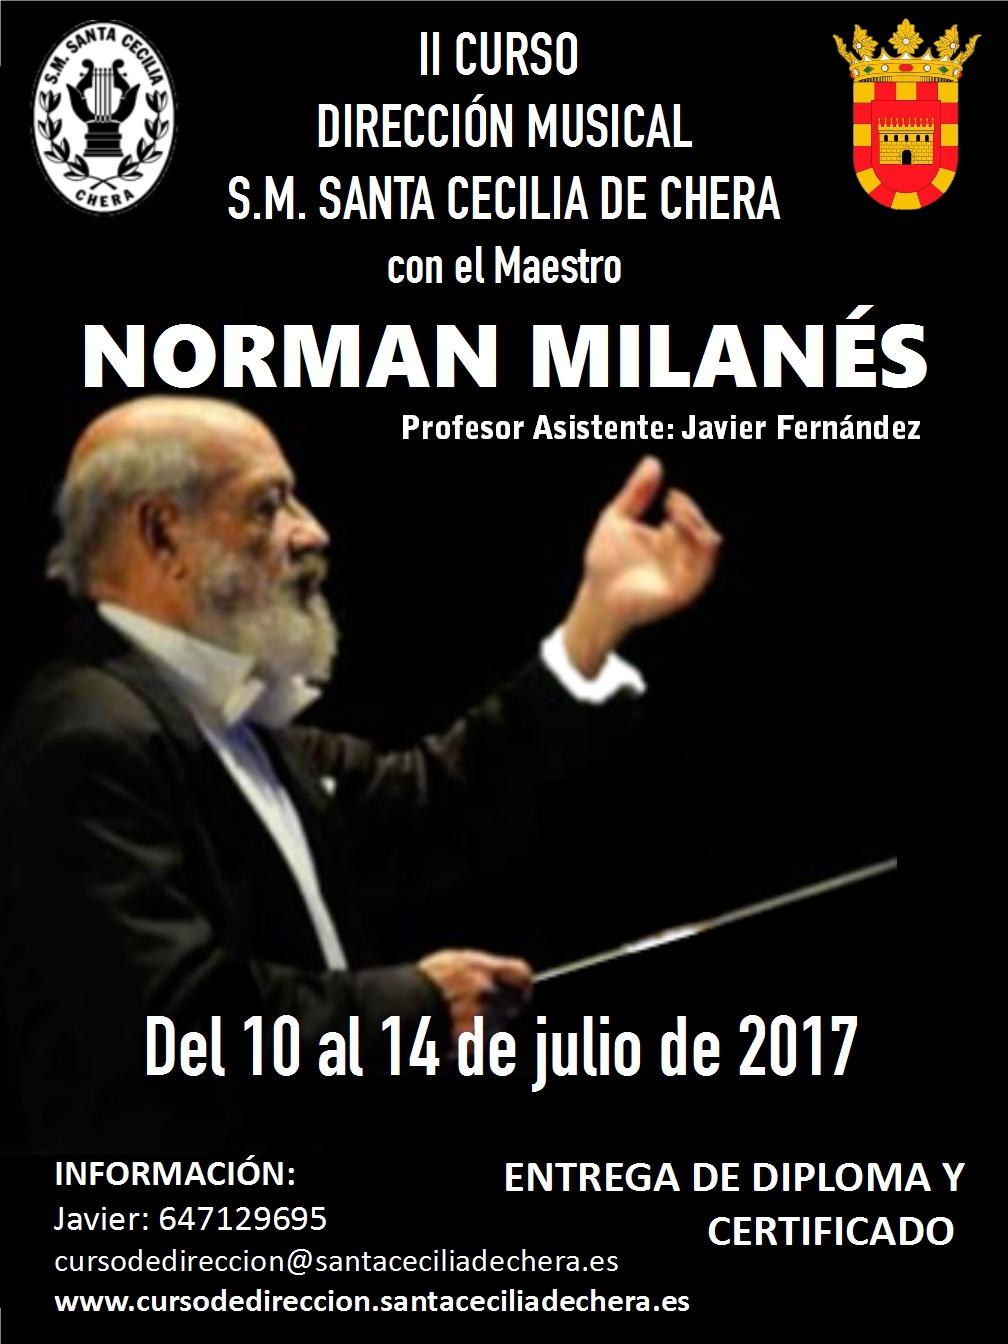 La Sociedad Musical Santa Cecilia de Chera volverá a organizar este verano el II Curso de Dirección Musical.